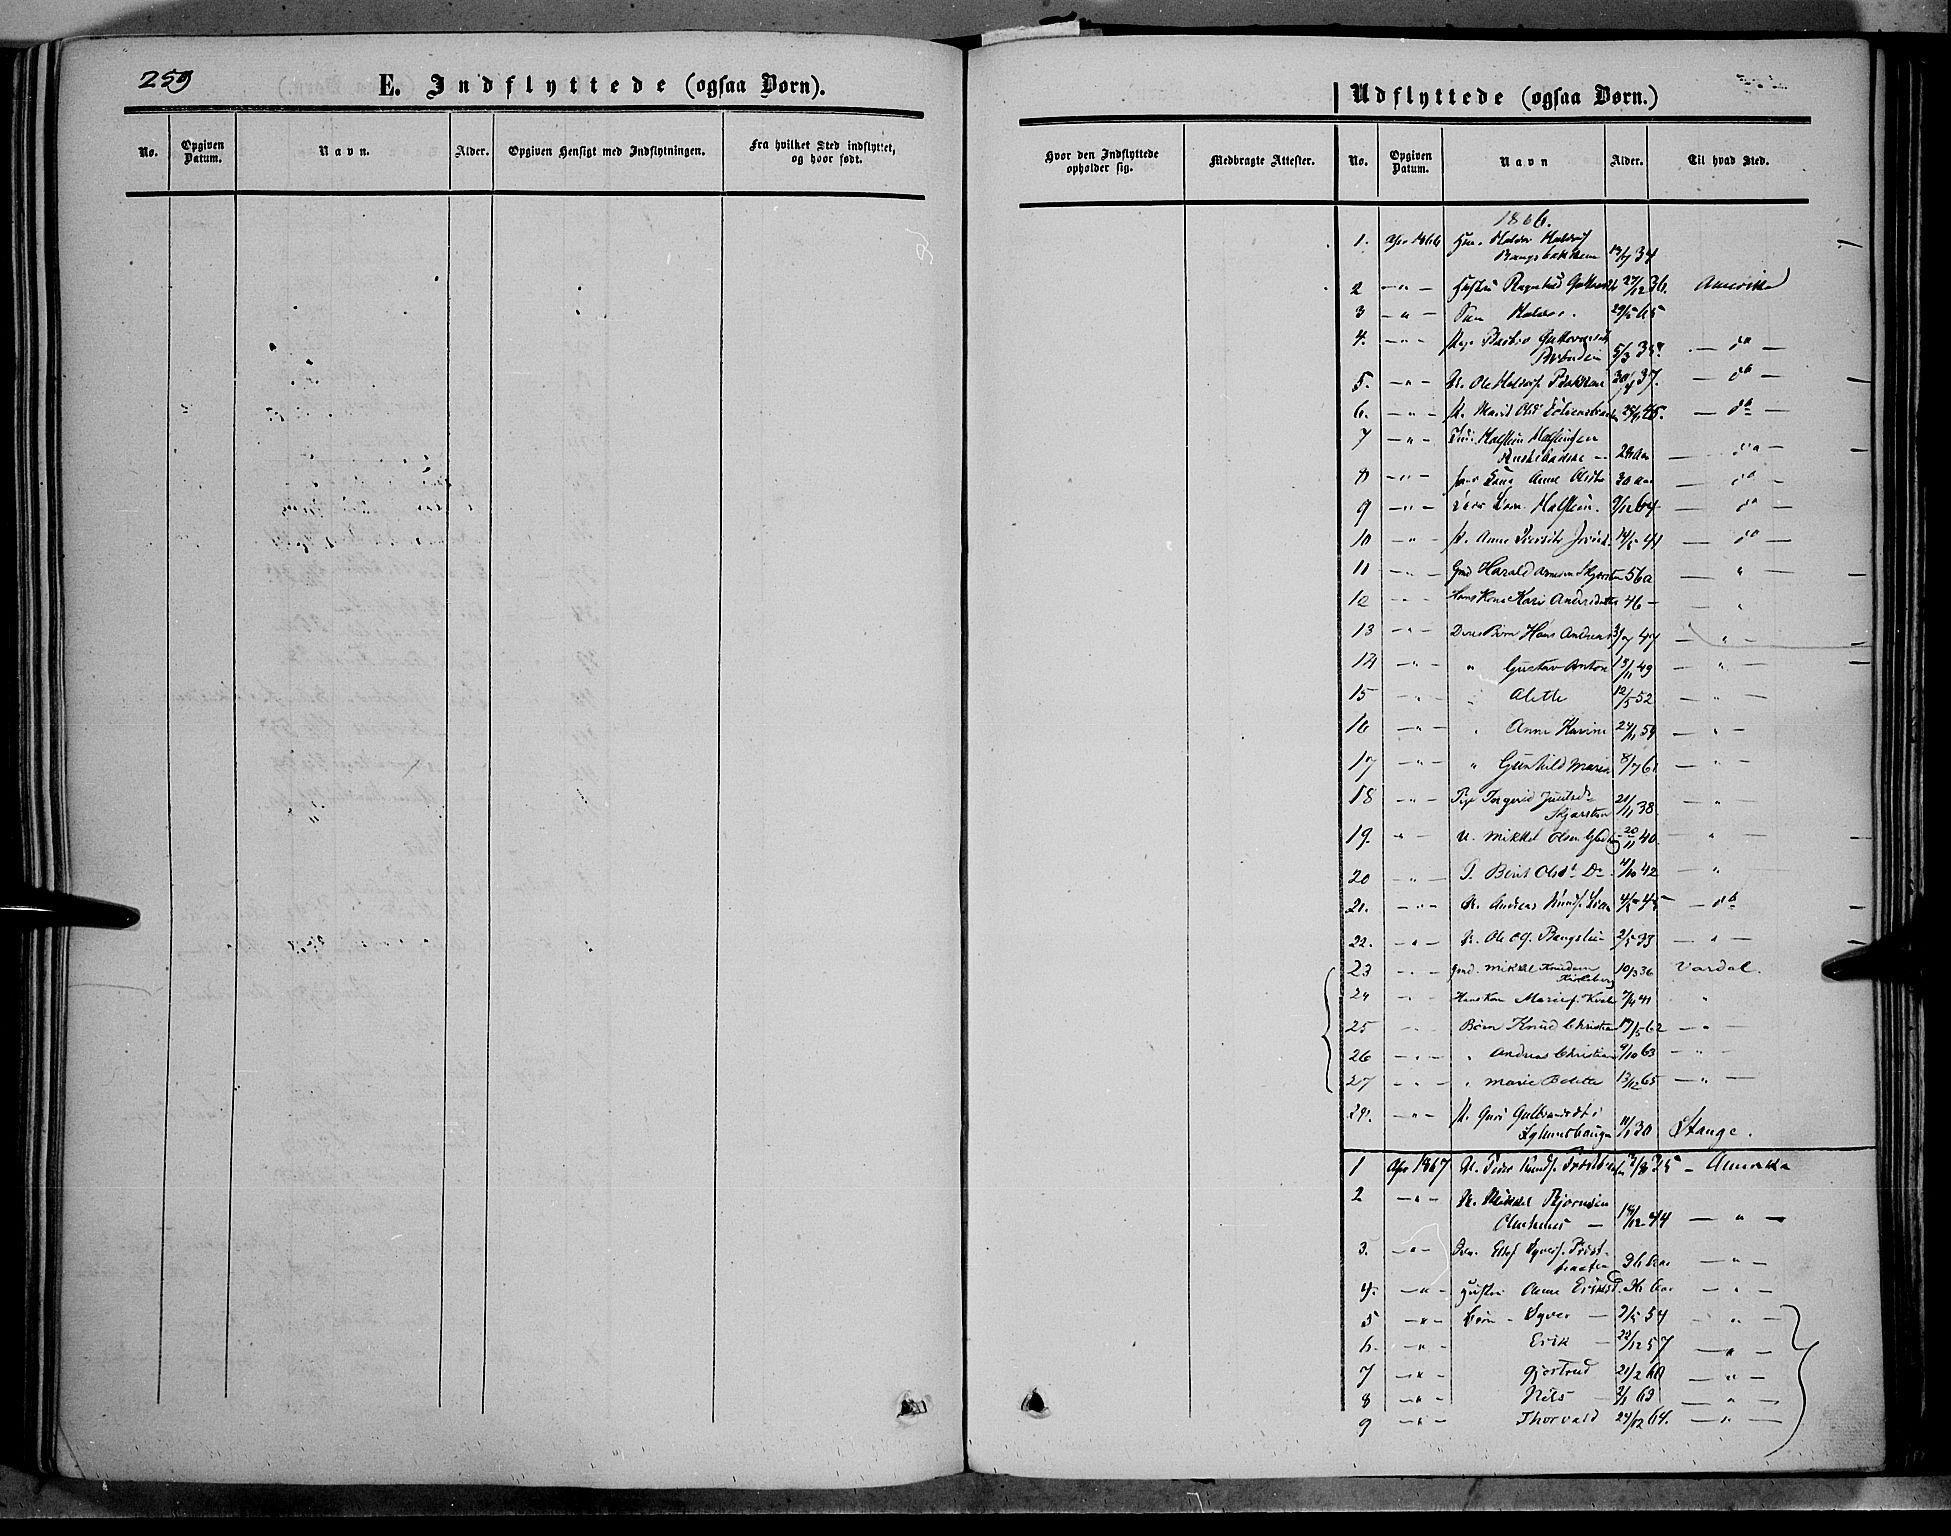 SAH, Sør-Aurdal prestekontor, Ministerialbok nr. 5, 1849-1876, s. 259